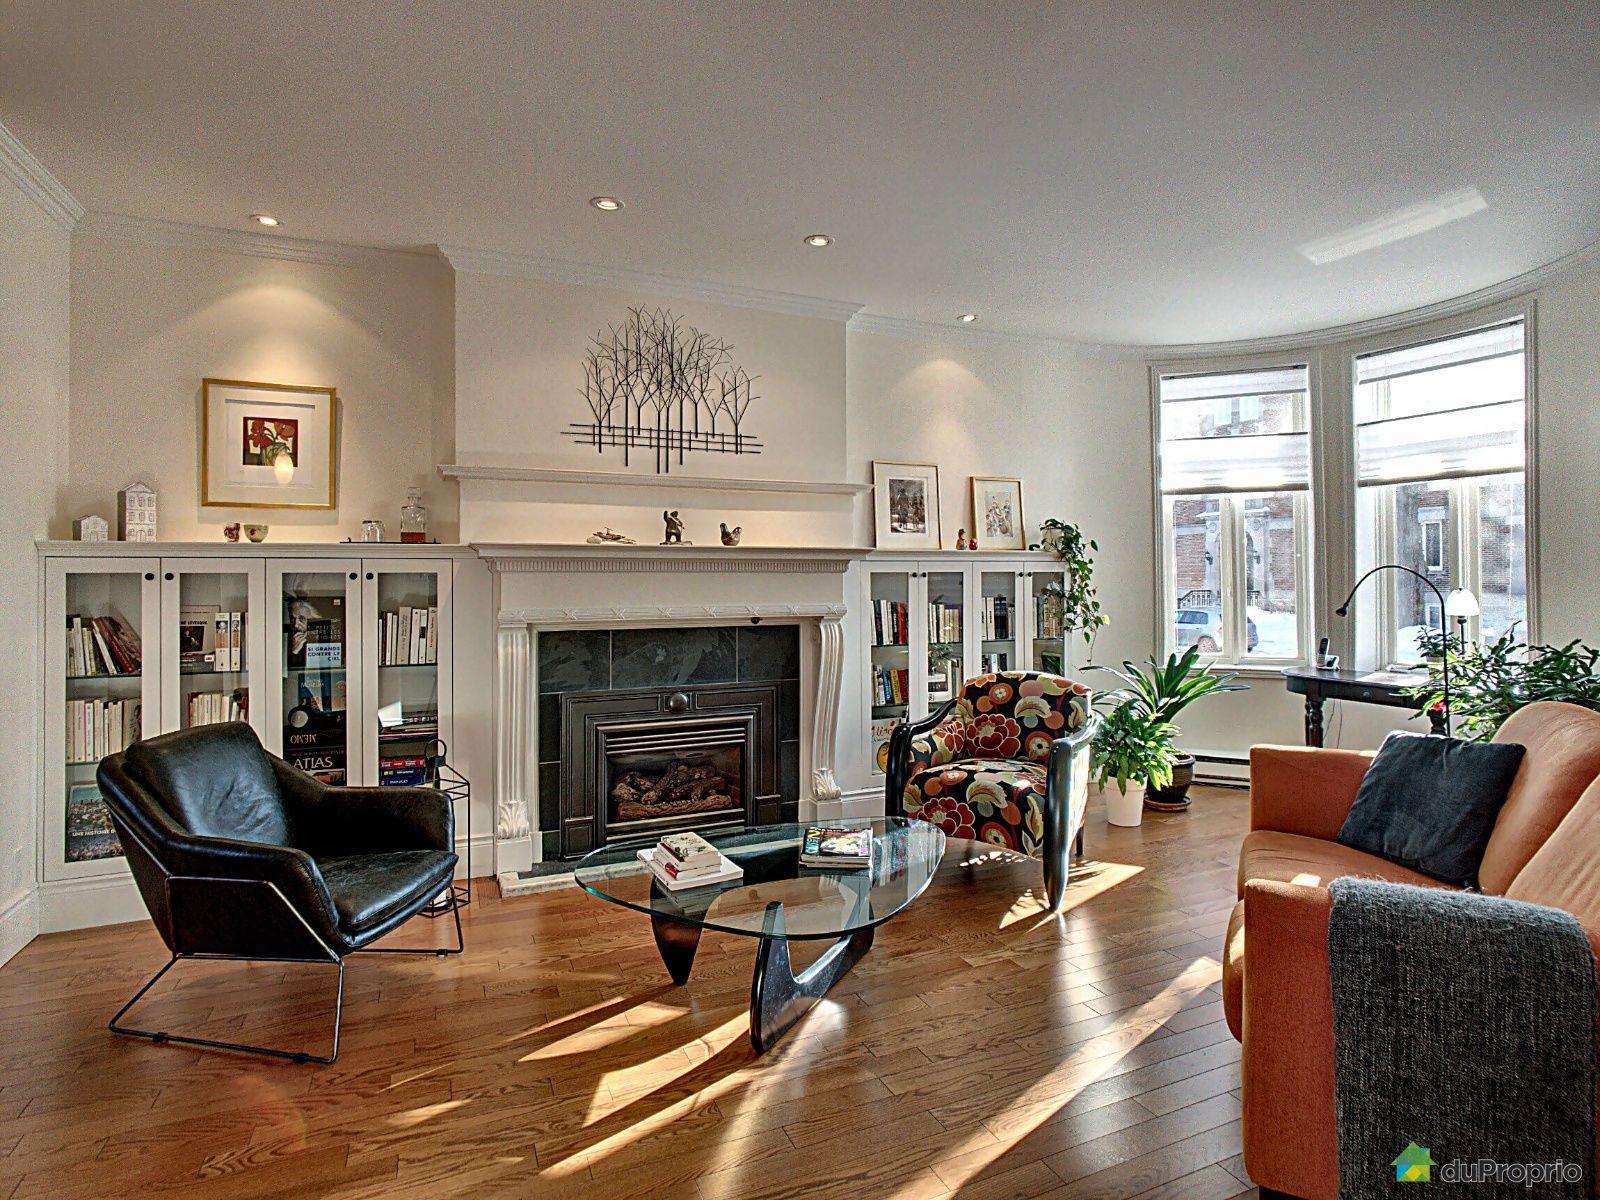 Living Room - 1-1155 avenue du Parc, Montcalm for sale